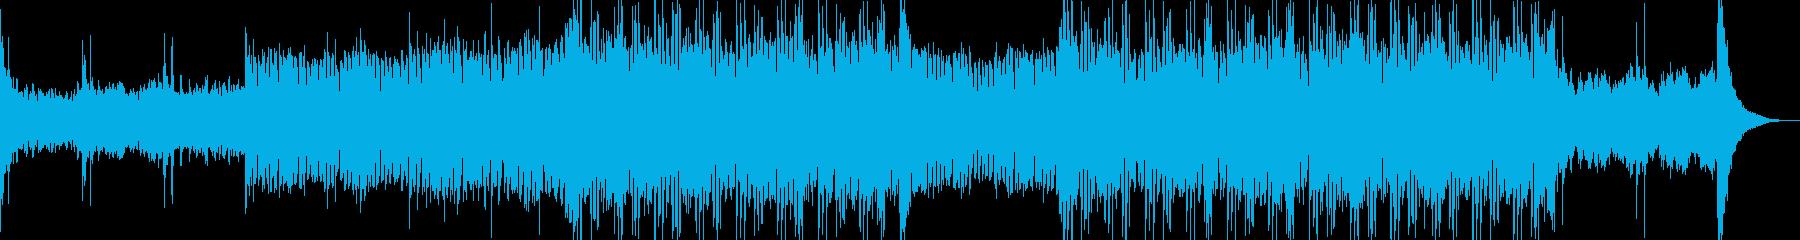 映画音楽、シネマティック映像向け-04の再生済みの波形